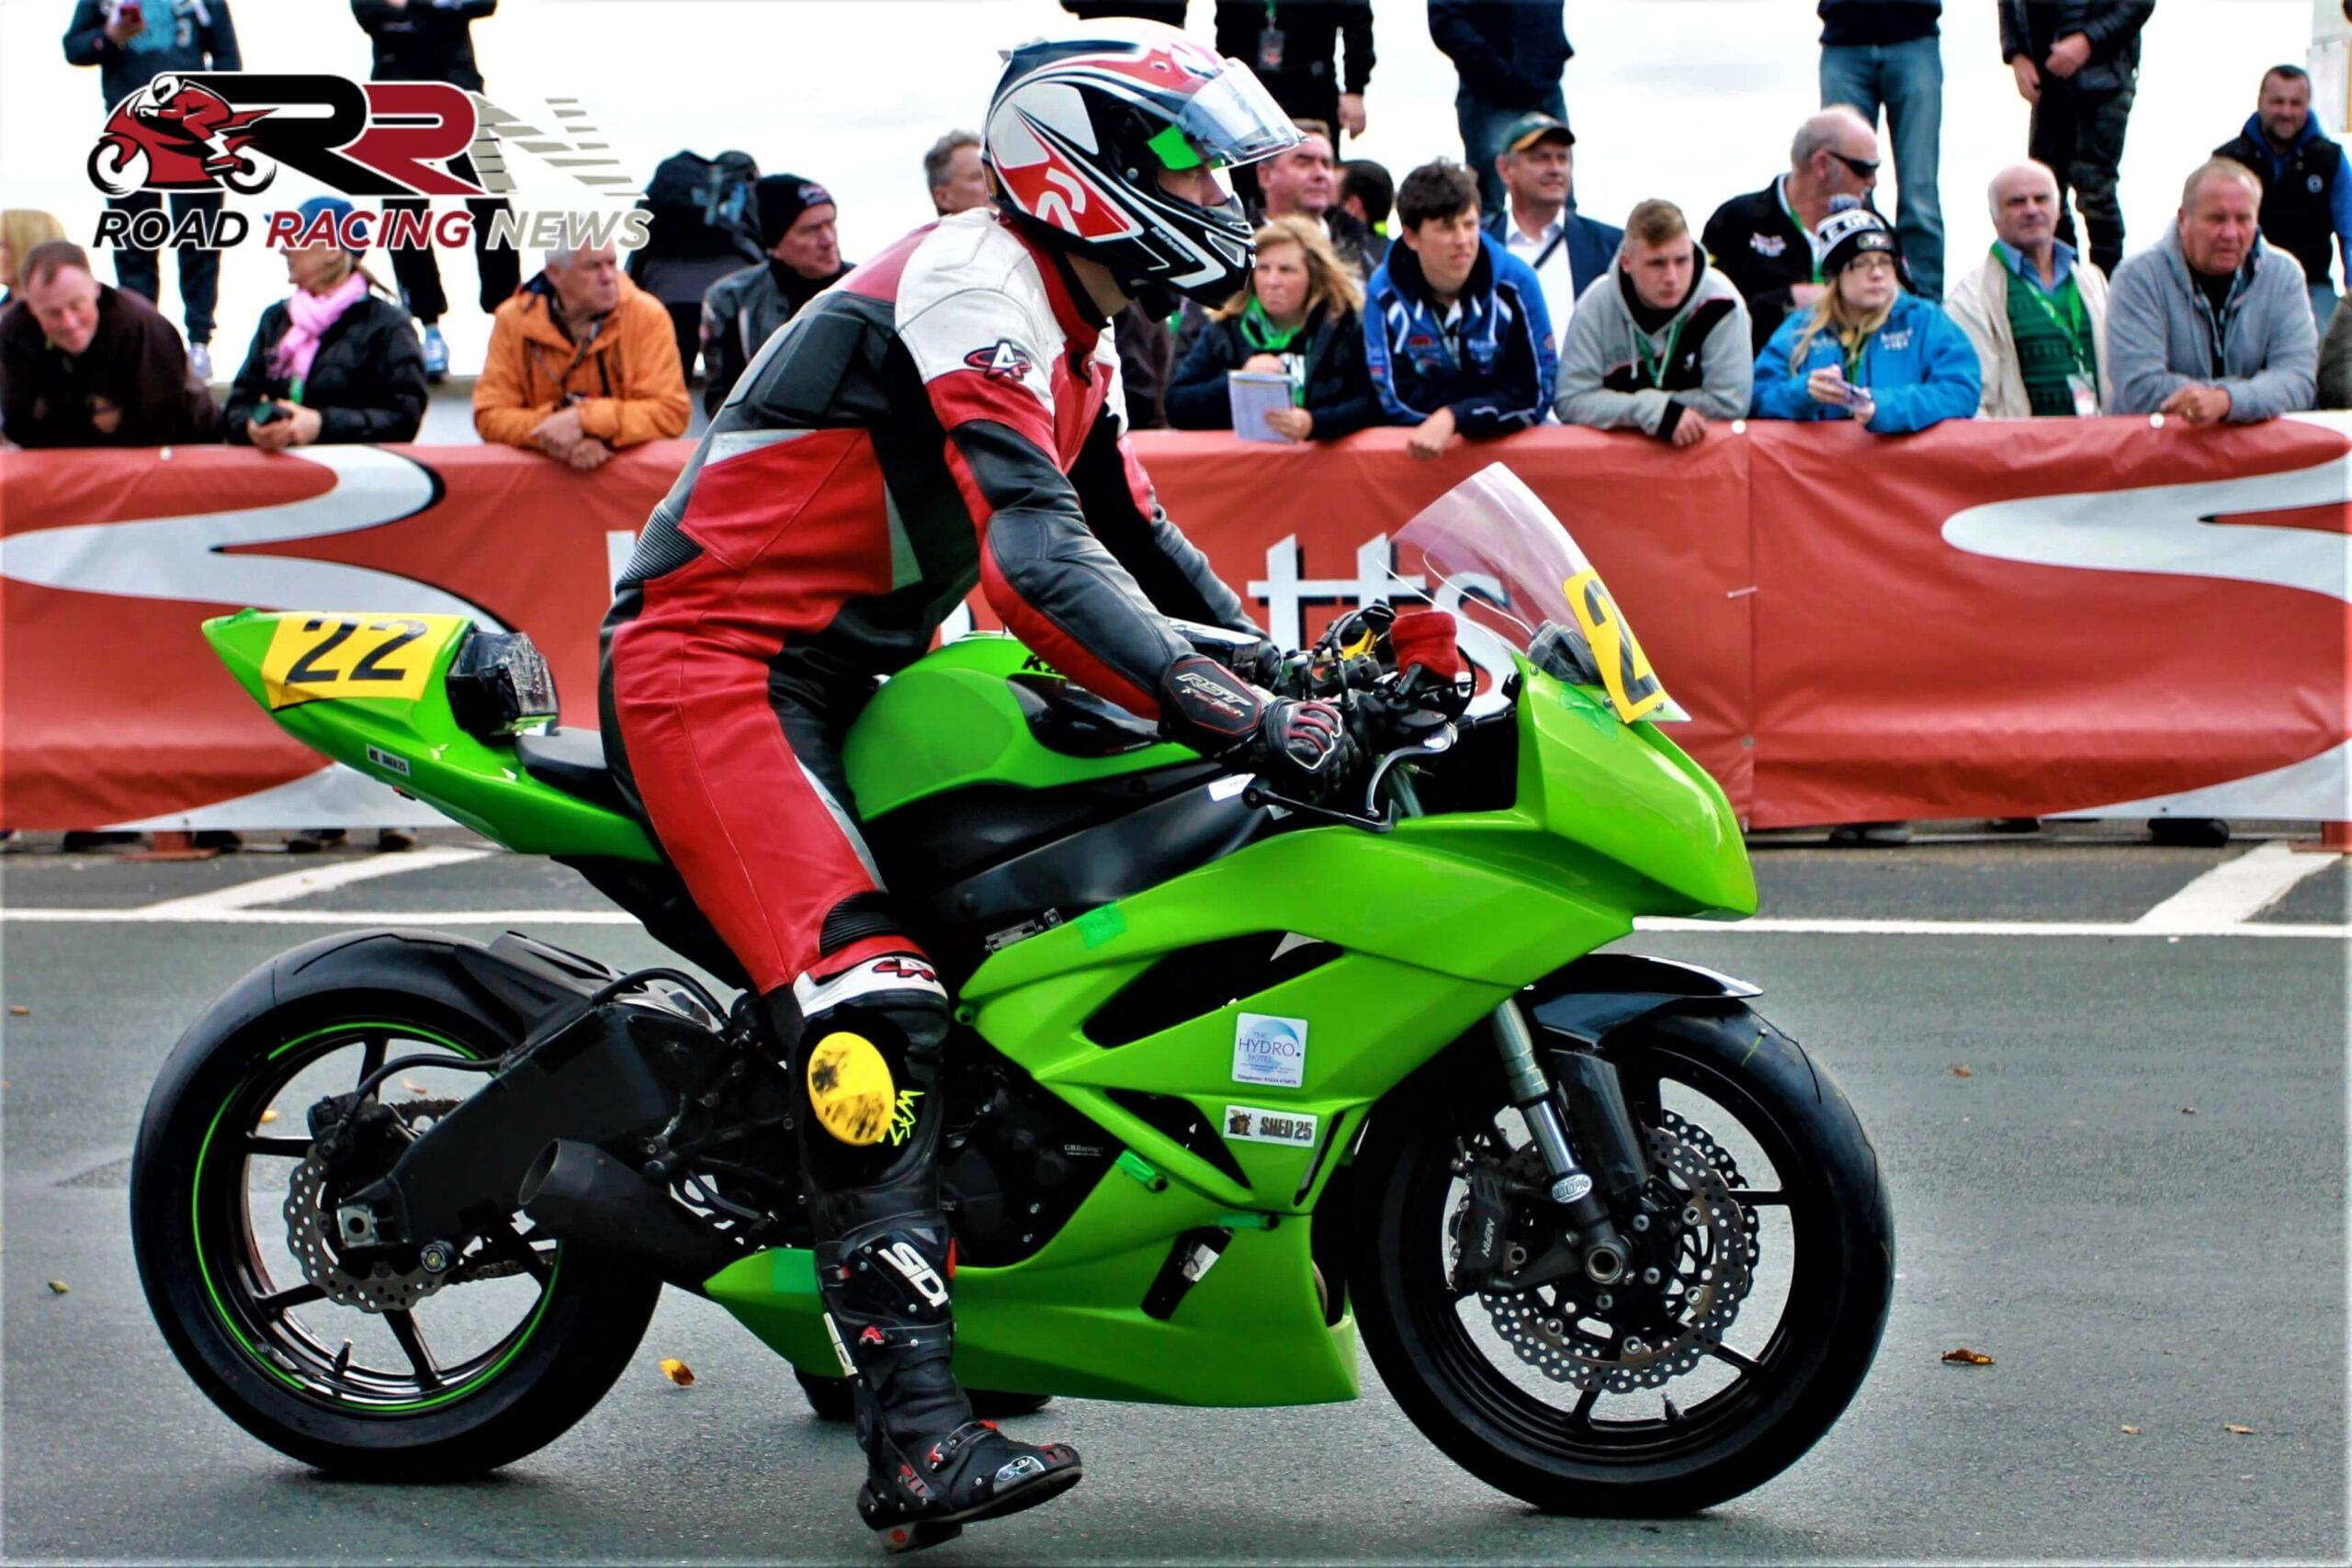 Manx GP Top 6: Karl Foster